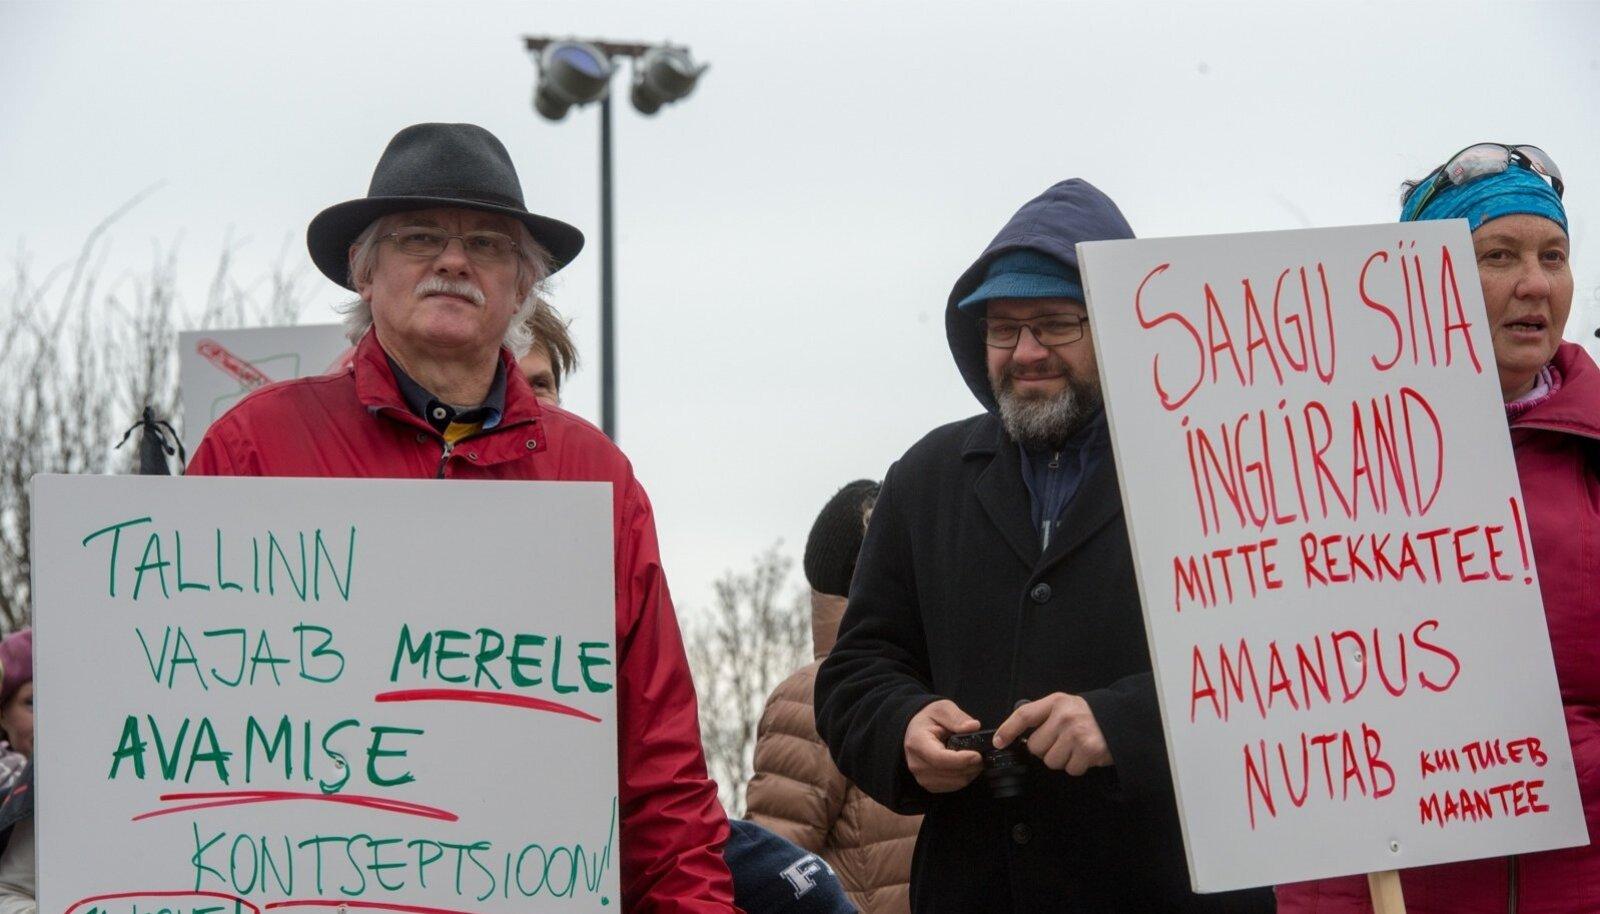 Pühapäeval kogunesid sajad inimesed Russalka juurde, et protesteerida mereäärse maantee vastu.